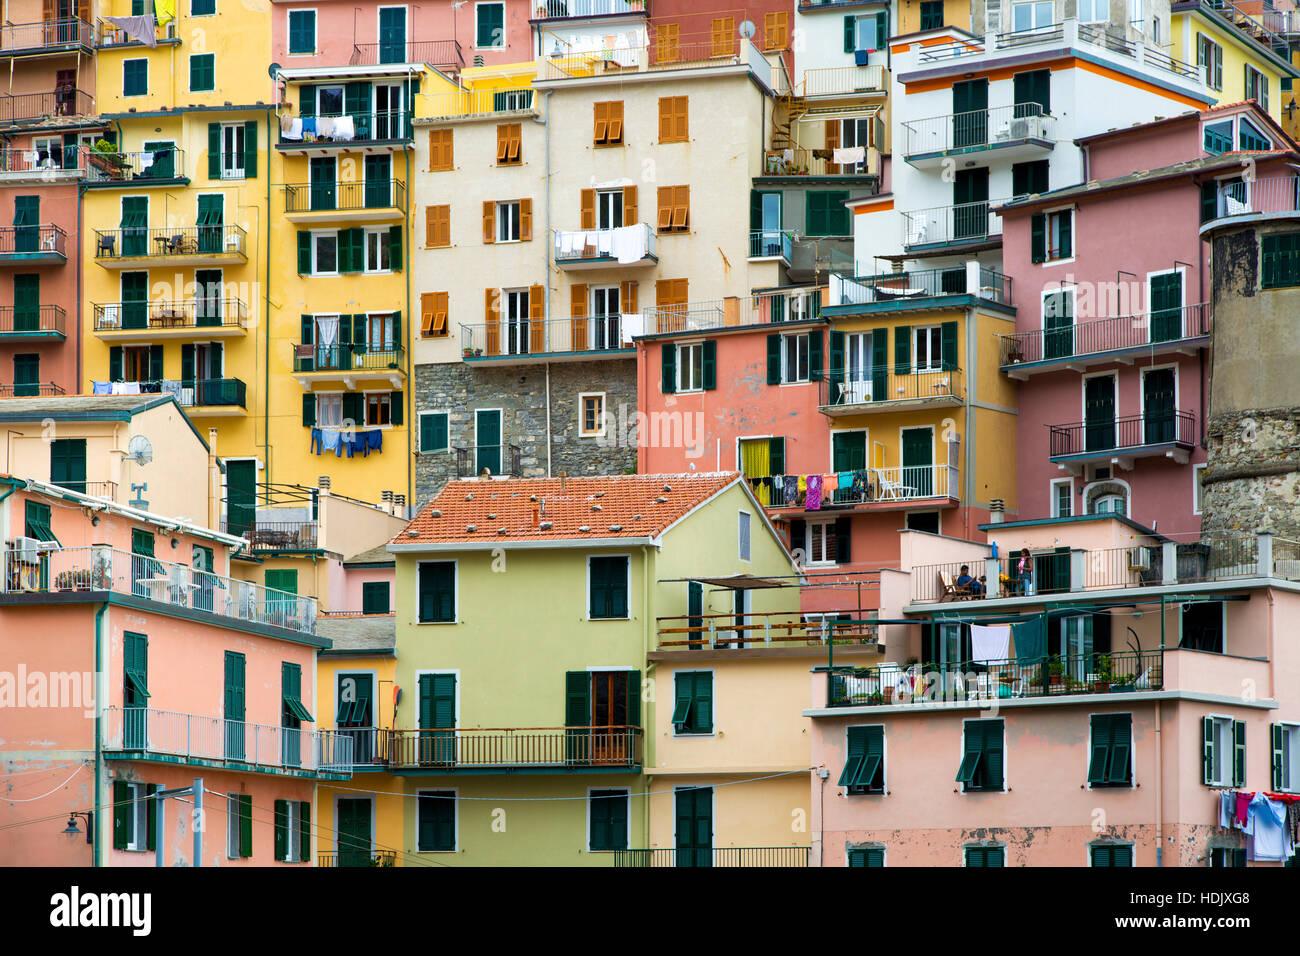 Casas en Vernazza, Cinque Terre, Liguria, Italia Imagen De Stock